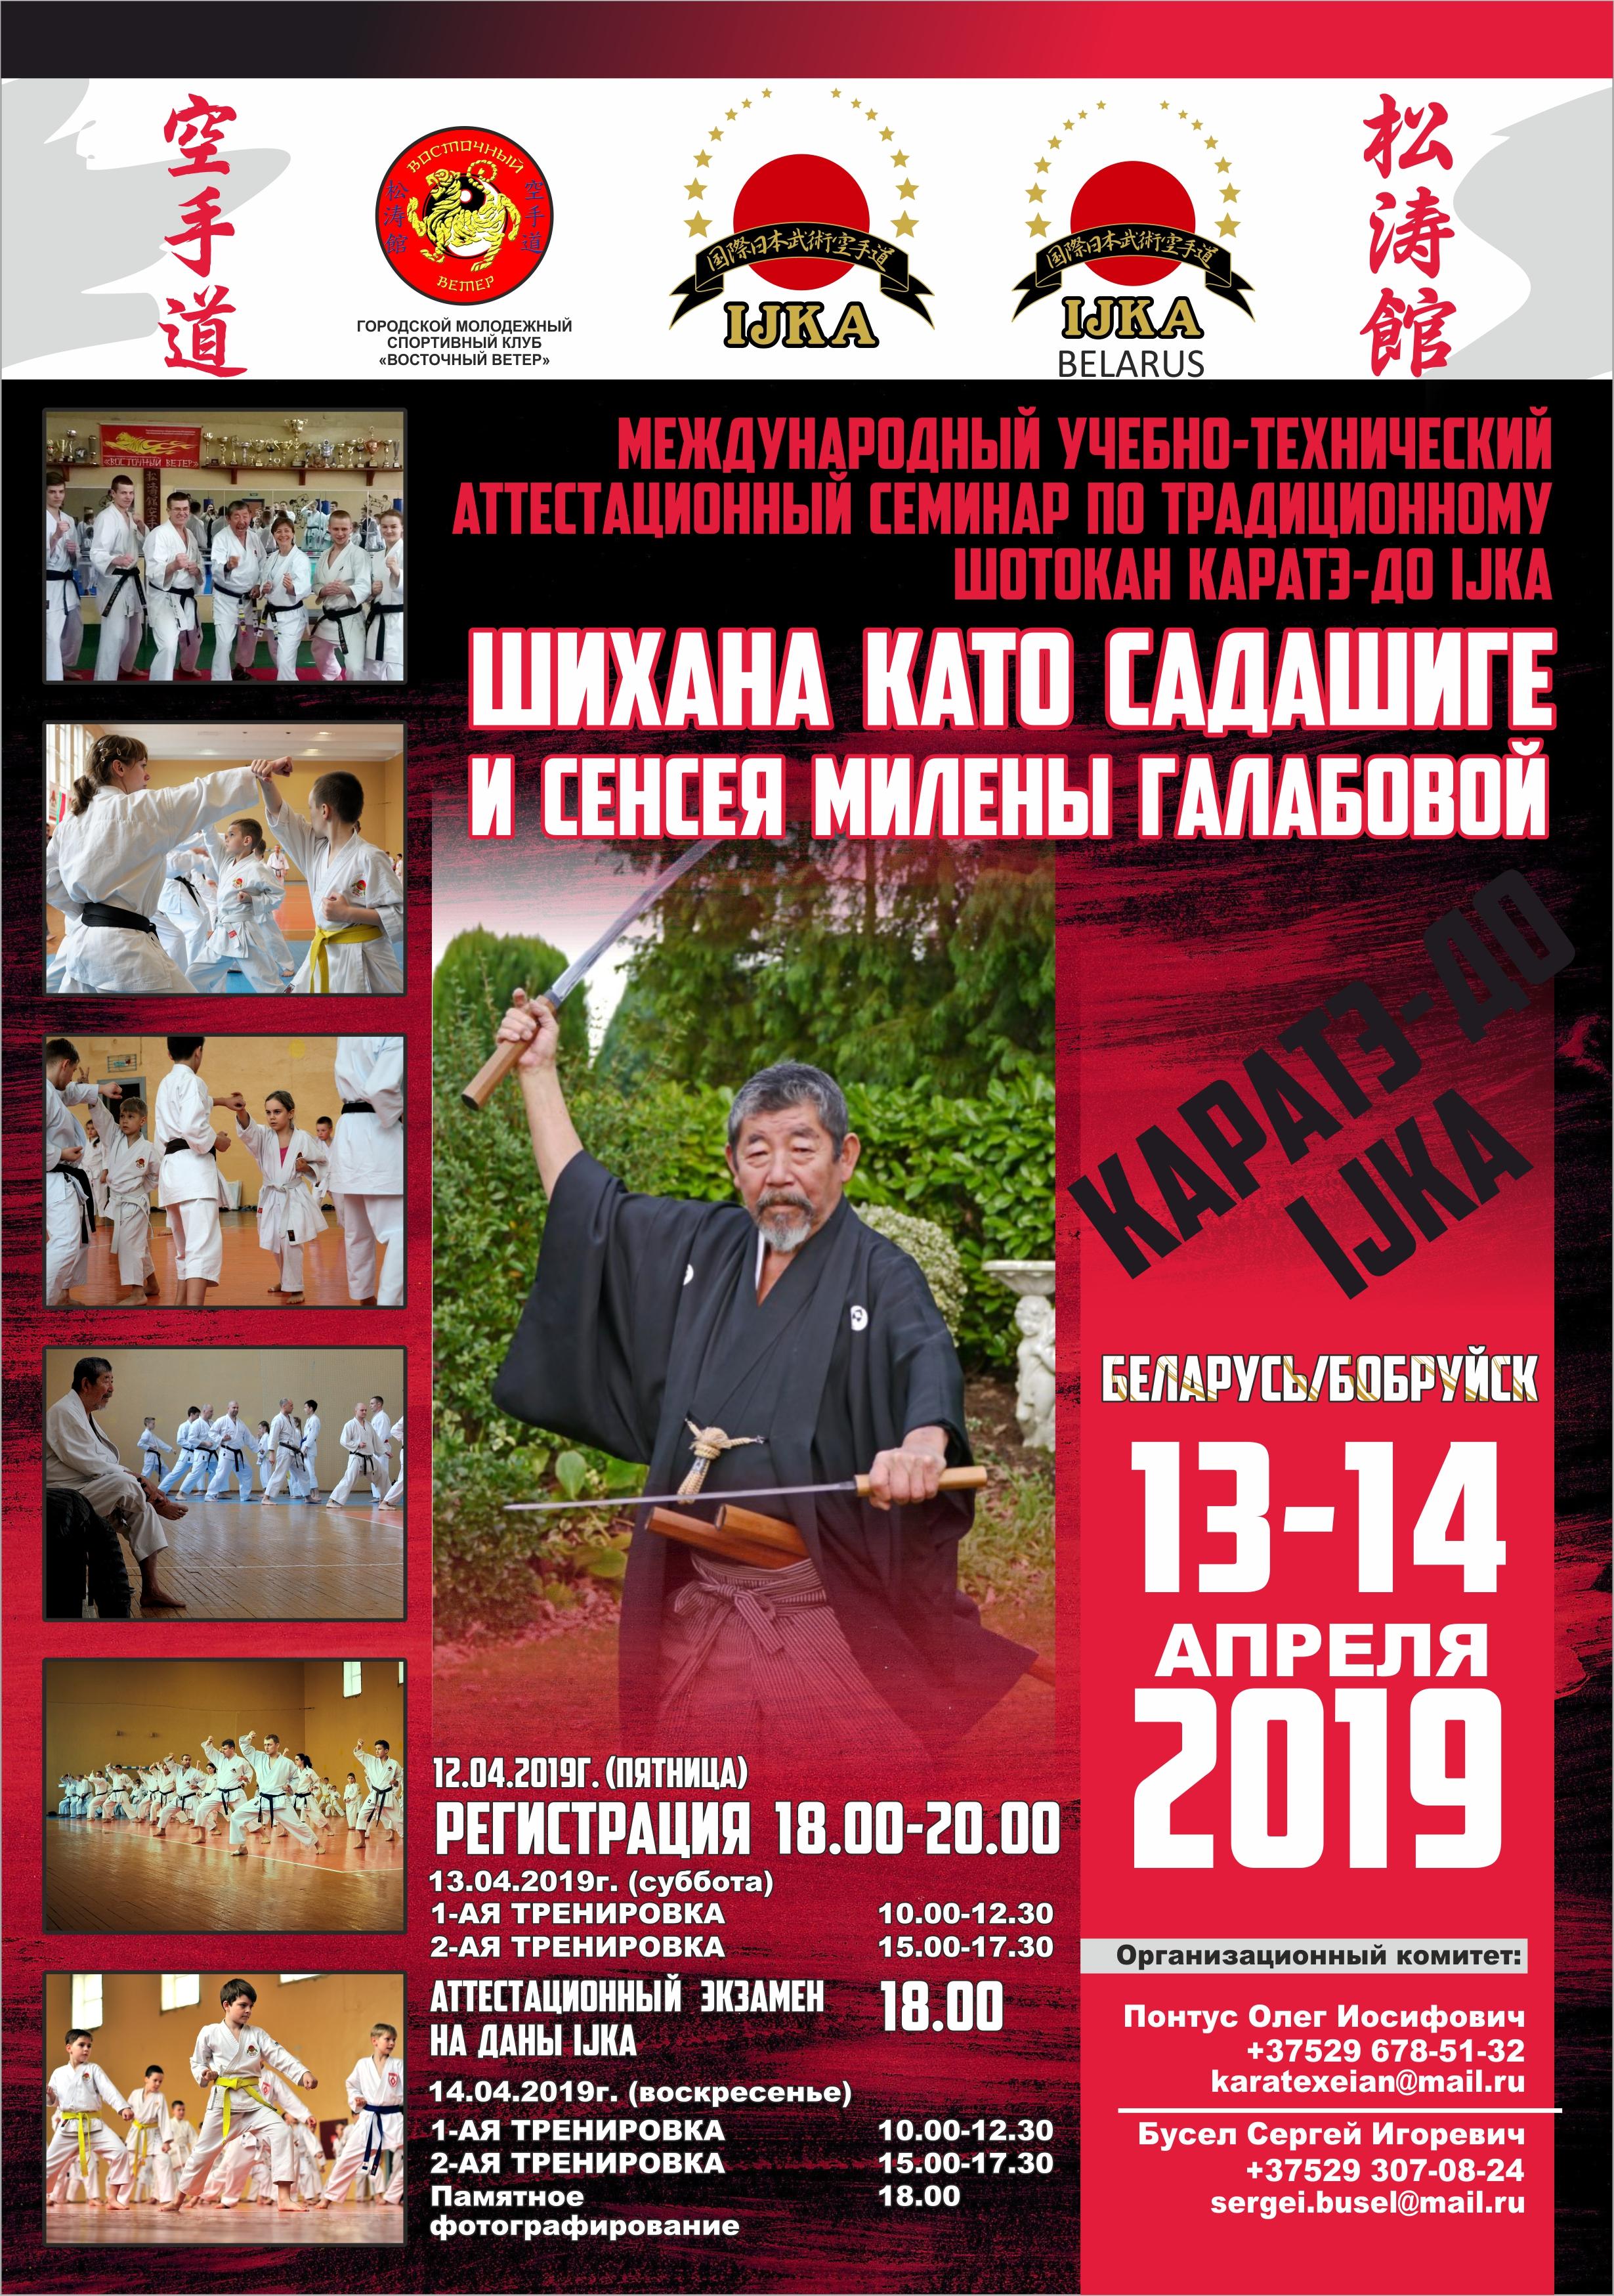 13-14 апреля 2019, Бобруйск, Международный учебно-технический аттестационный семинар по традиционному шотокан каратэ-до IJKA